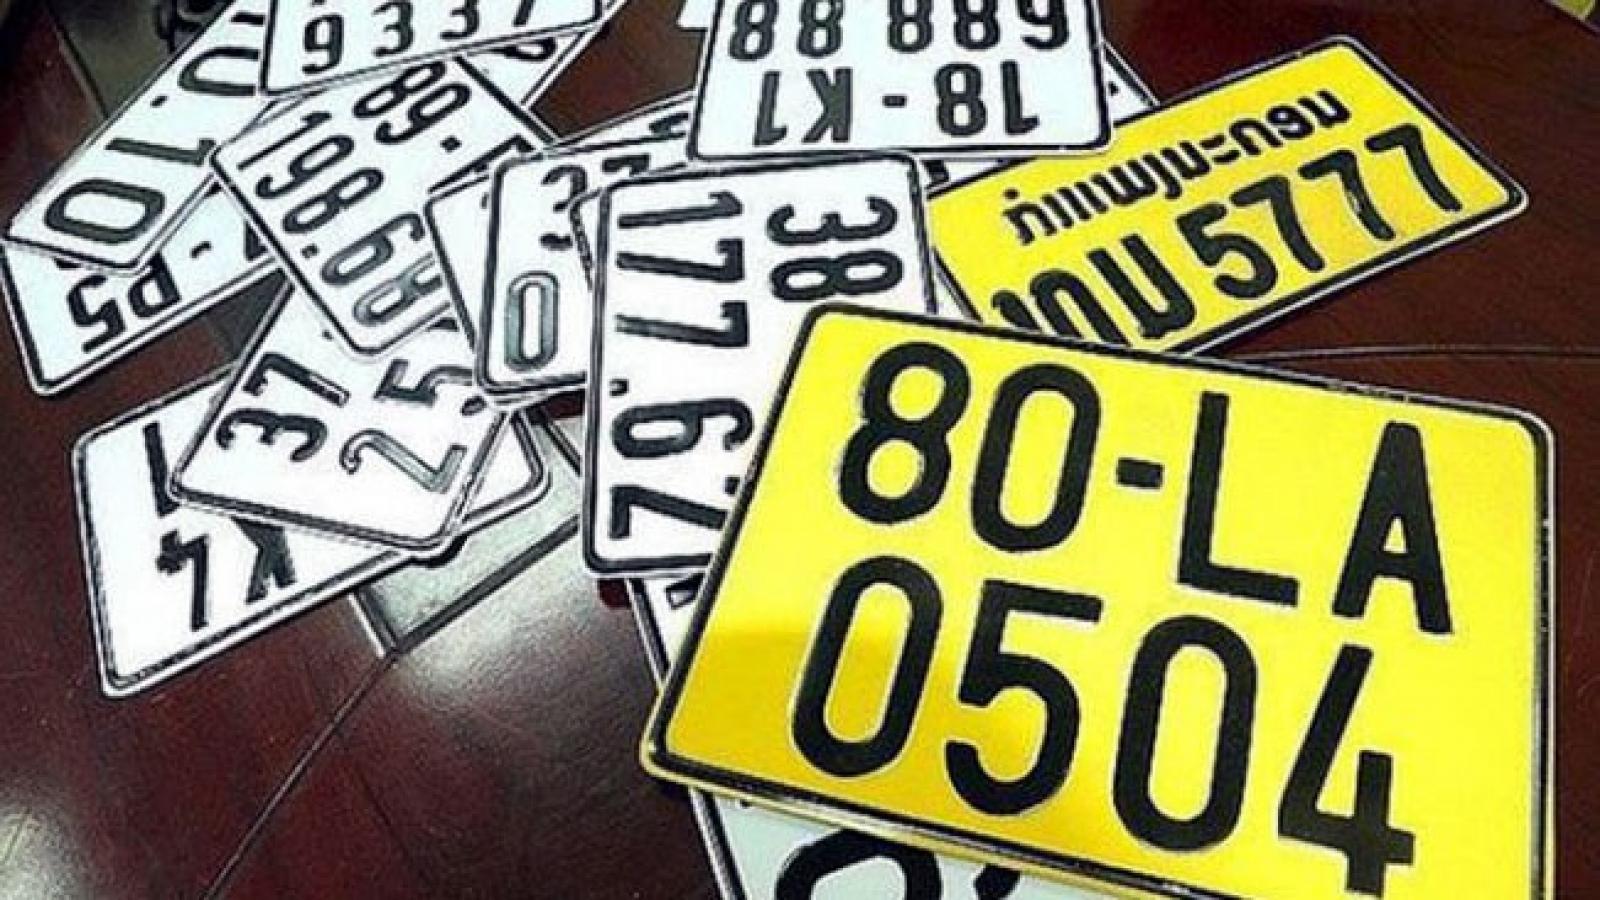 Kiến nghị giảm 50% phí đổi biển số màu vàng